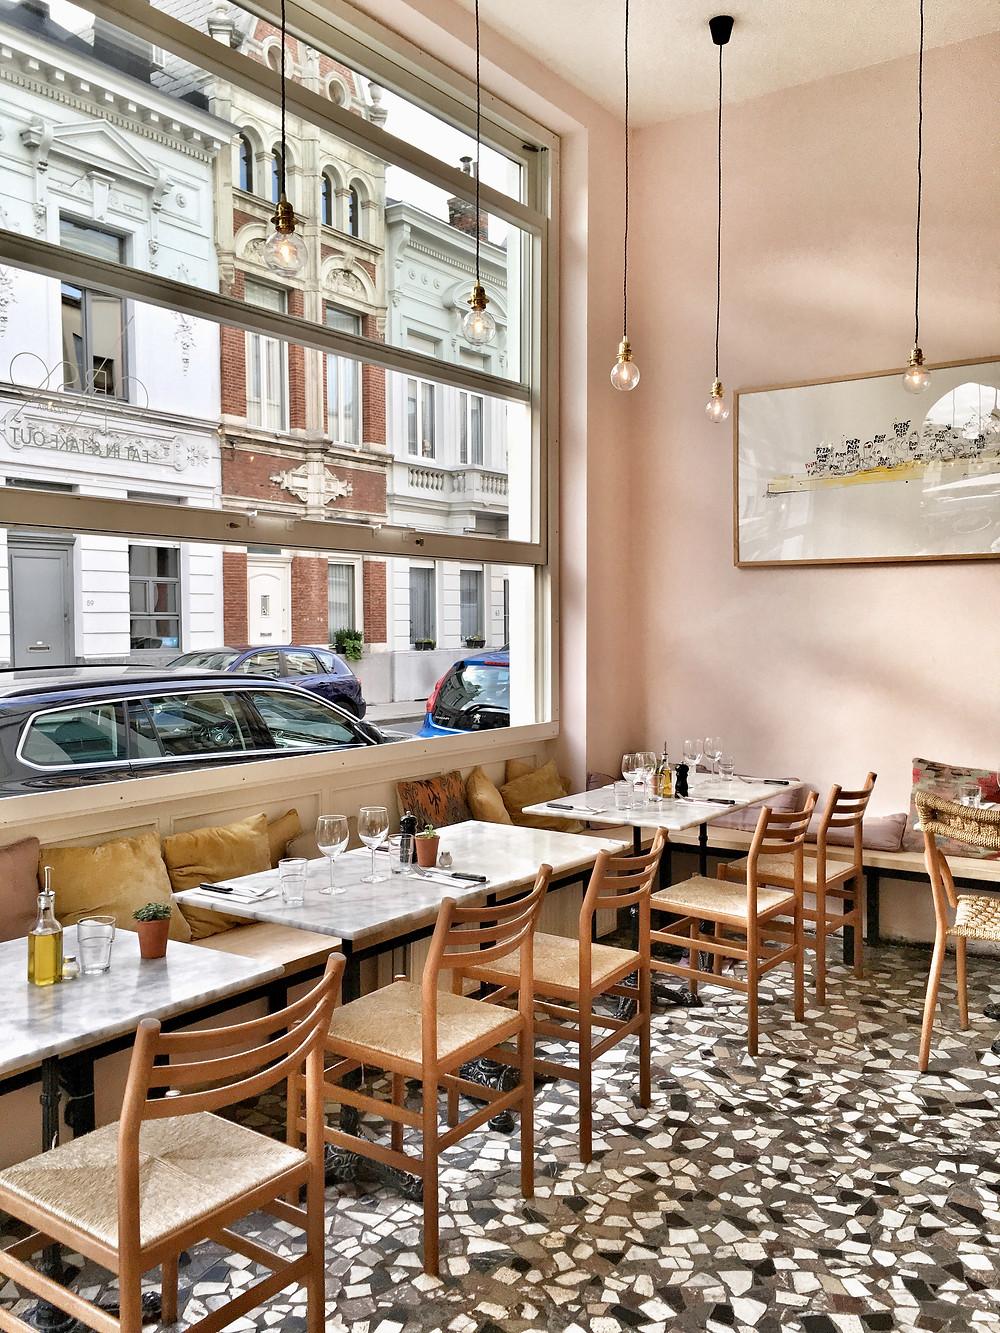 Restaurant Orso in Antwerp